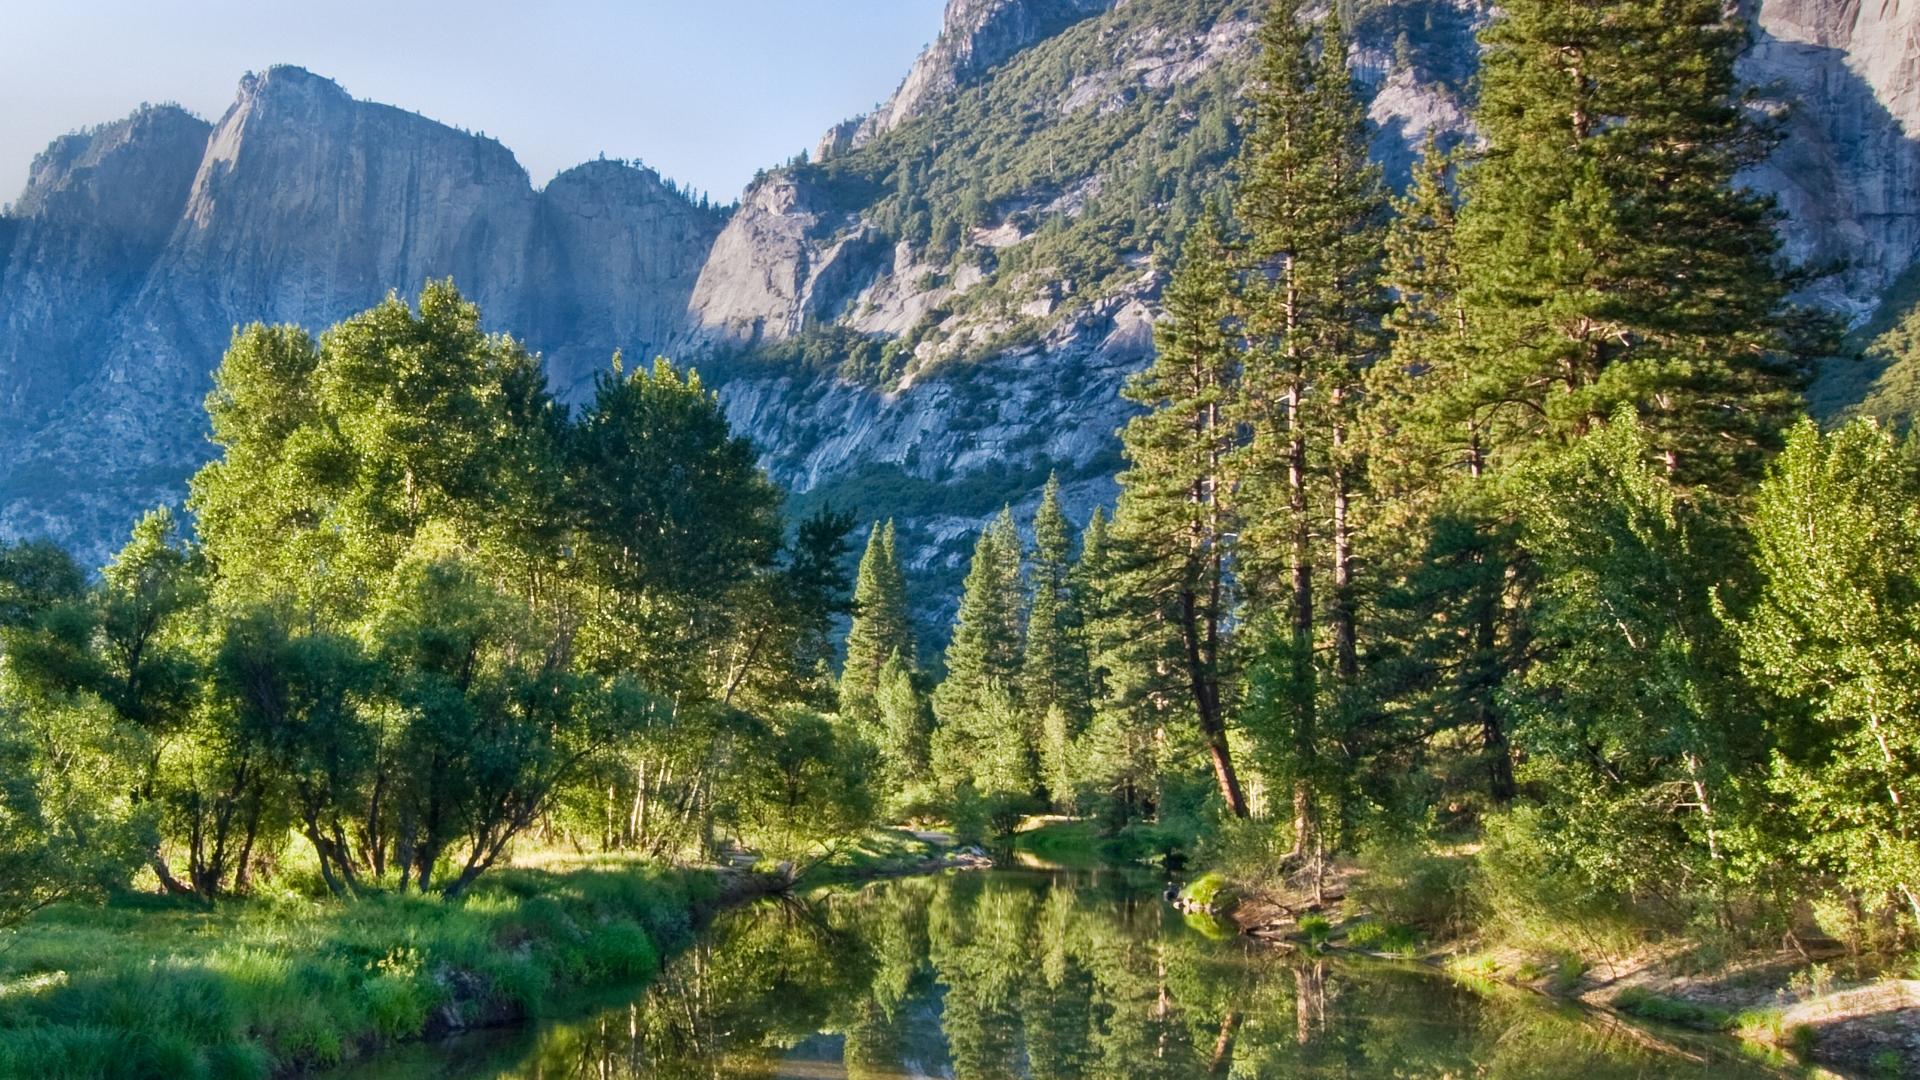 природа деревья горы  № 2787668 бесплатно